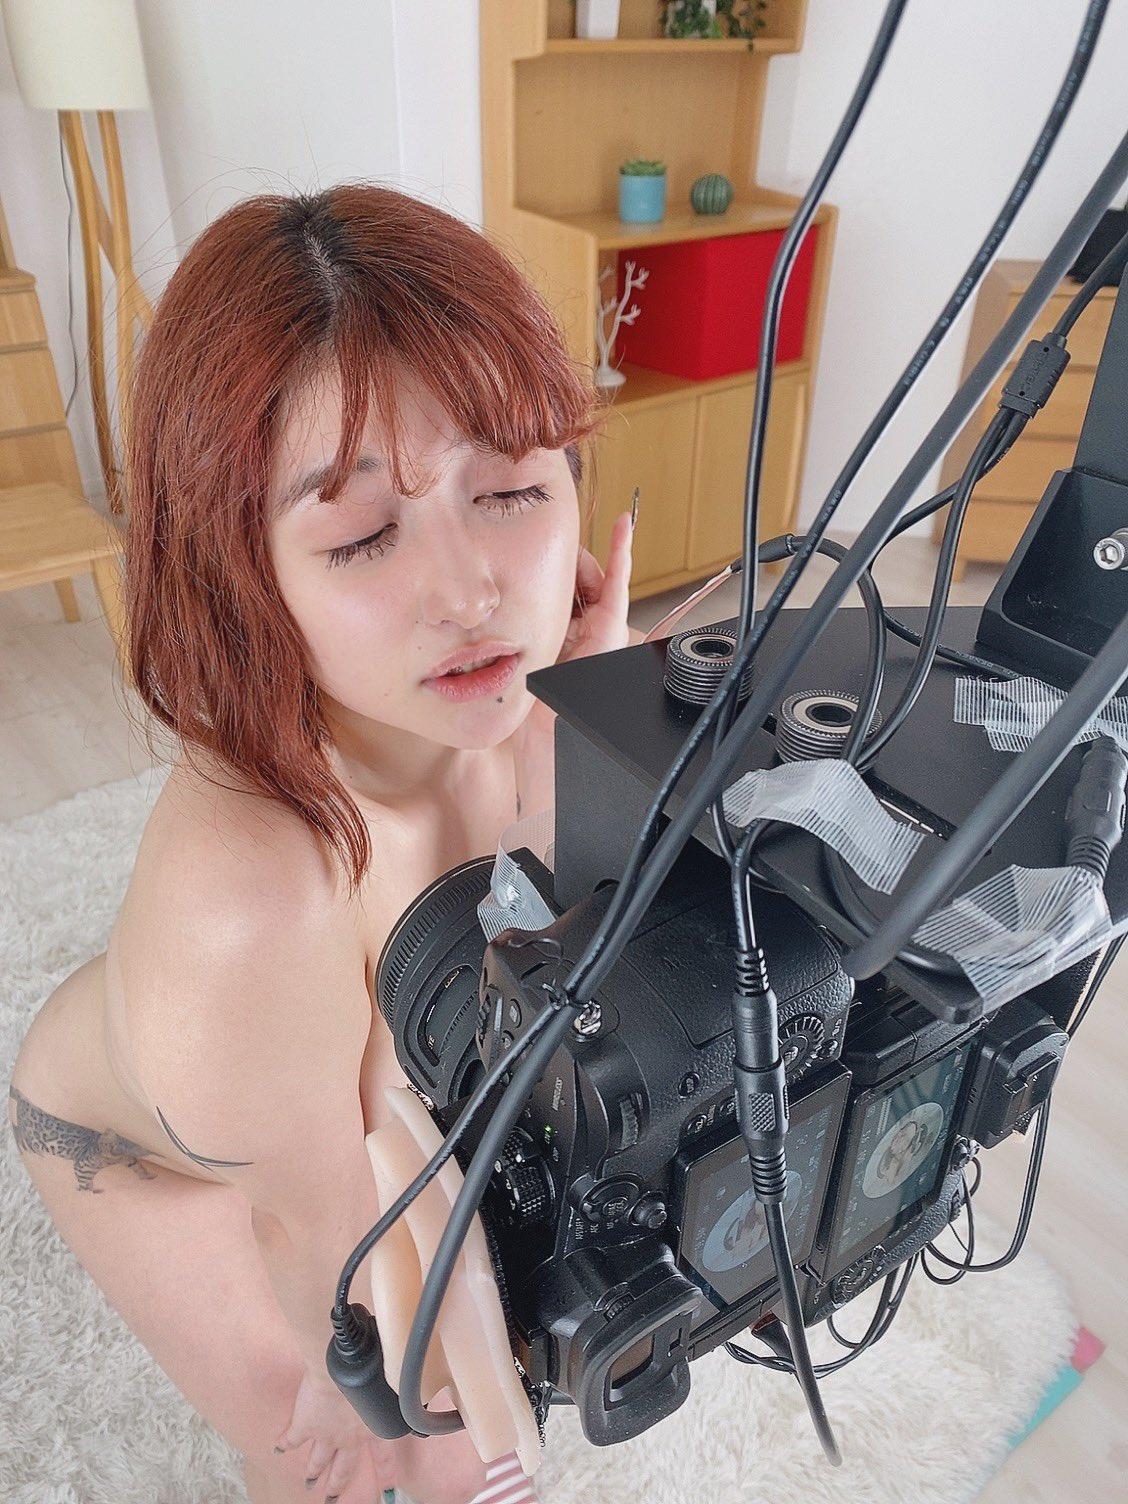 【うららか麗エロ画像】乳首ピアスがトレードマークな新鋭痴女・うららか麗!